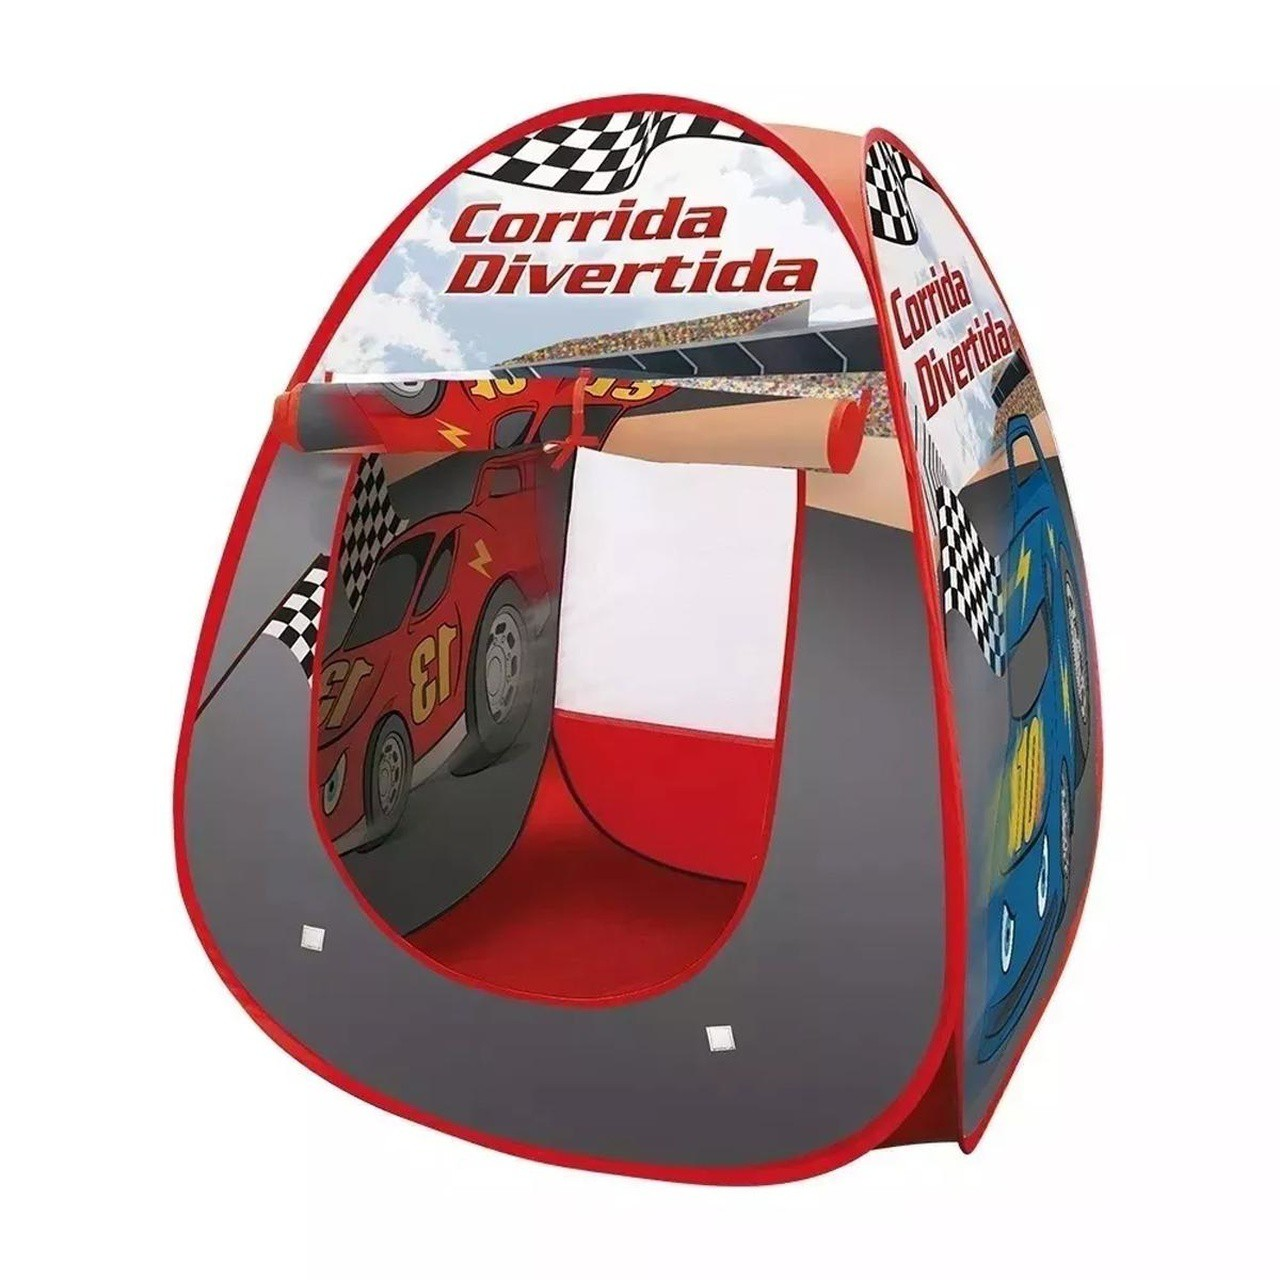 Barraca Infantil Toca Corrida Divertida - Dm Toys 4691